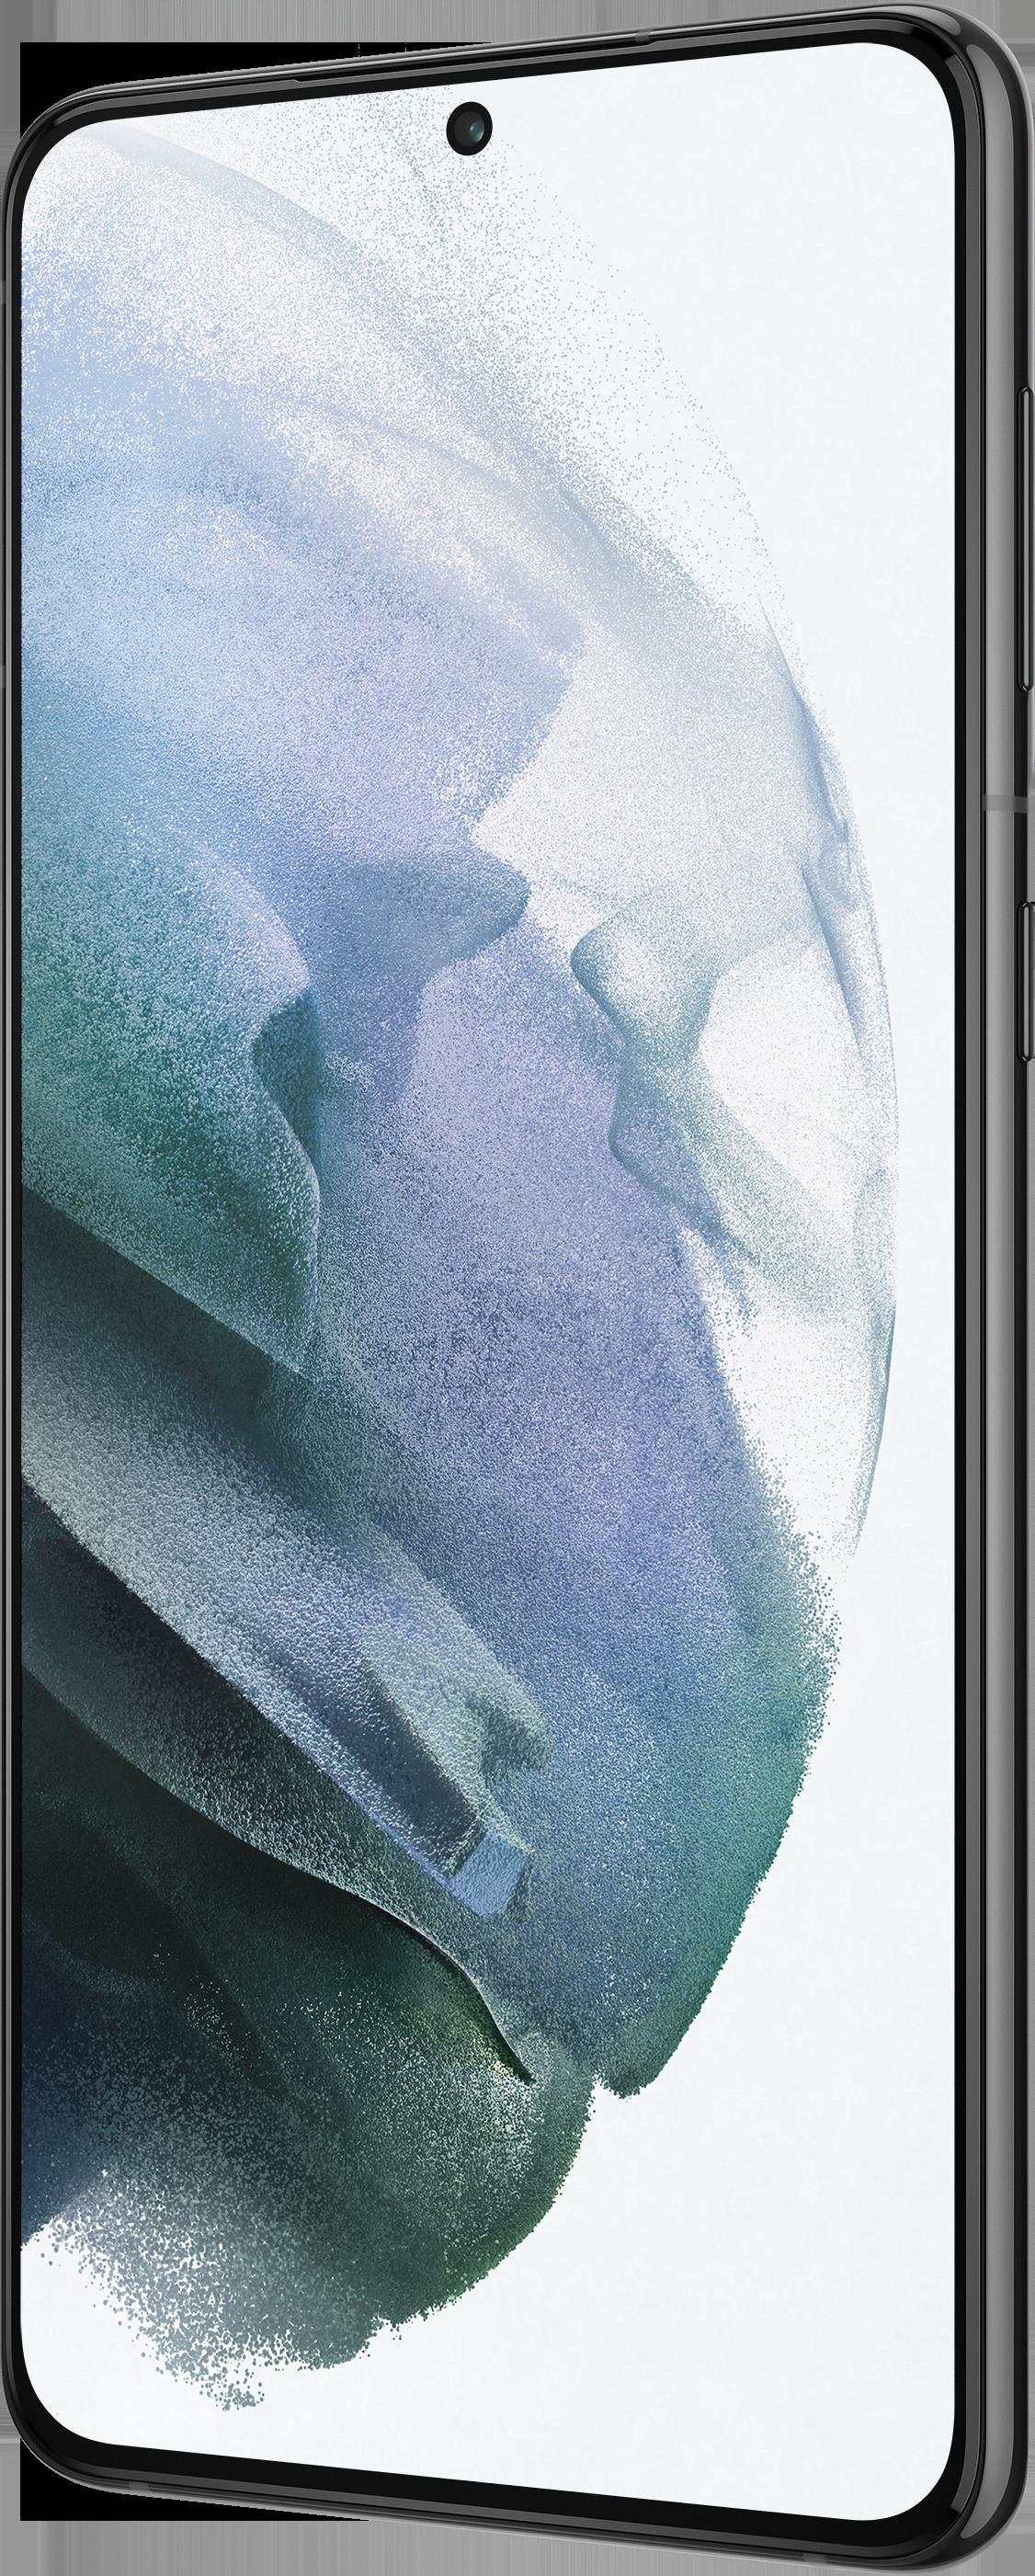 Samsung Smartphone Galaxy S21+ - 128GB - Dual Sim